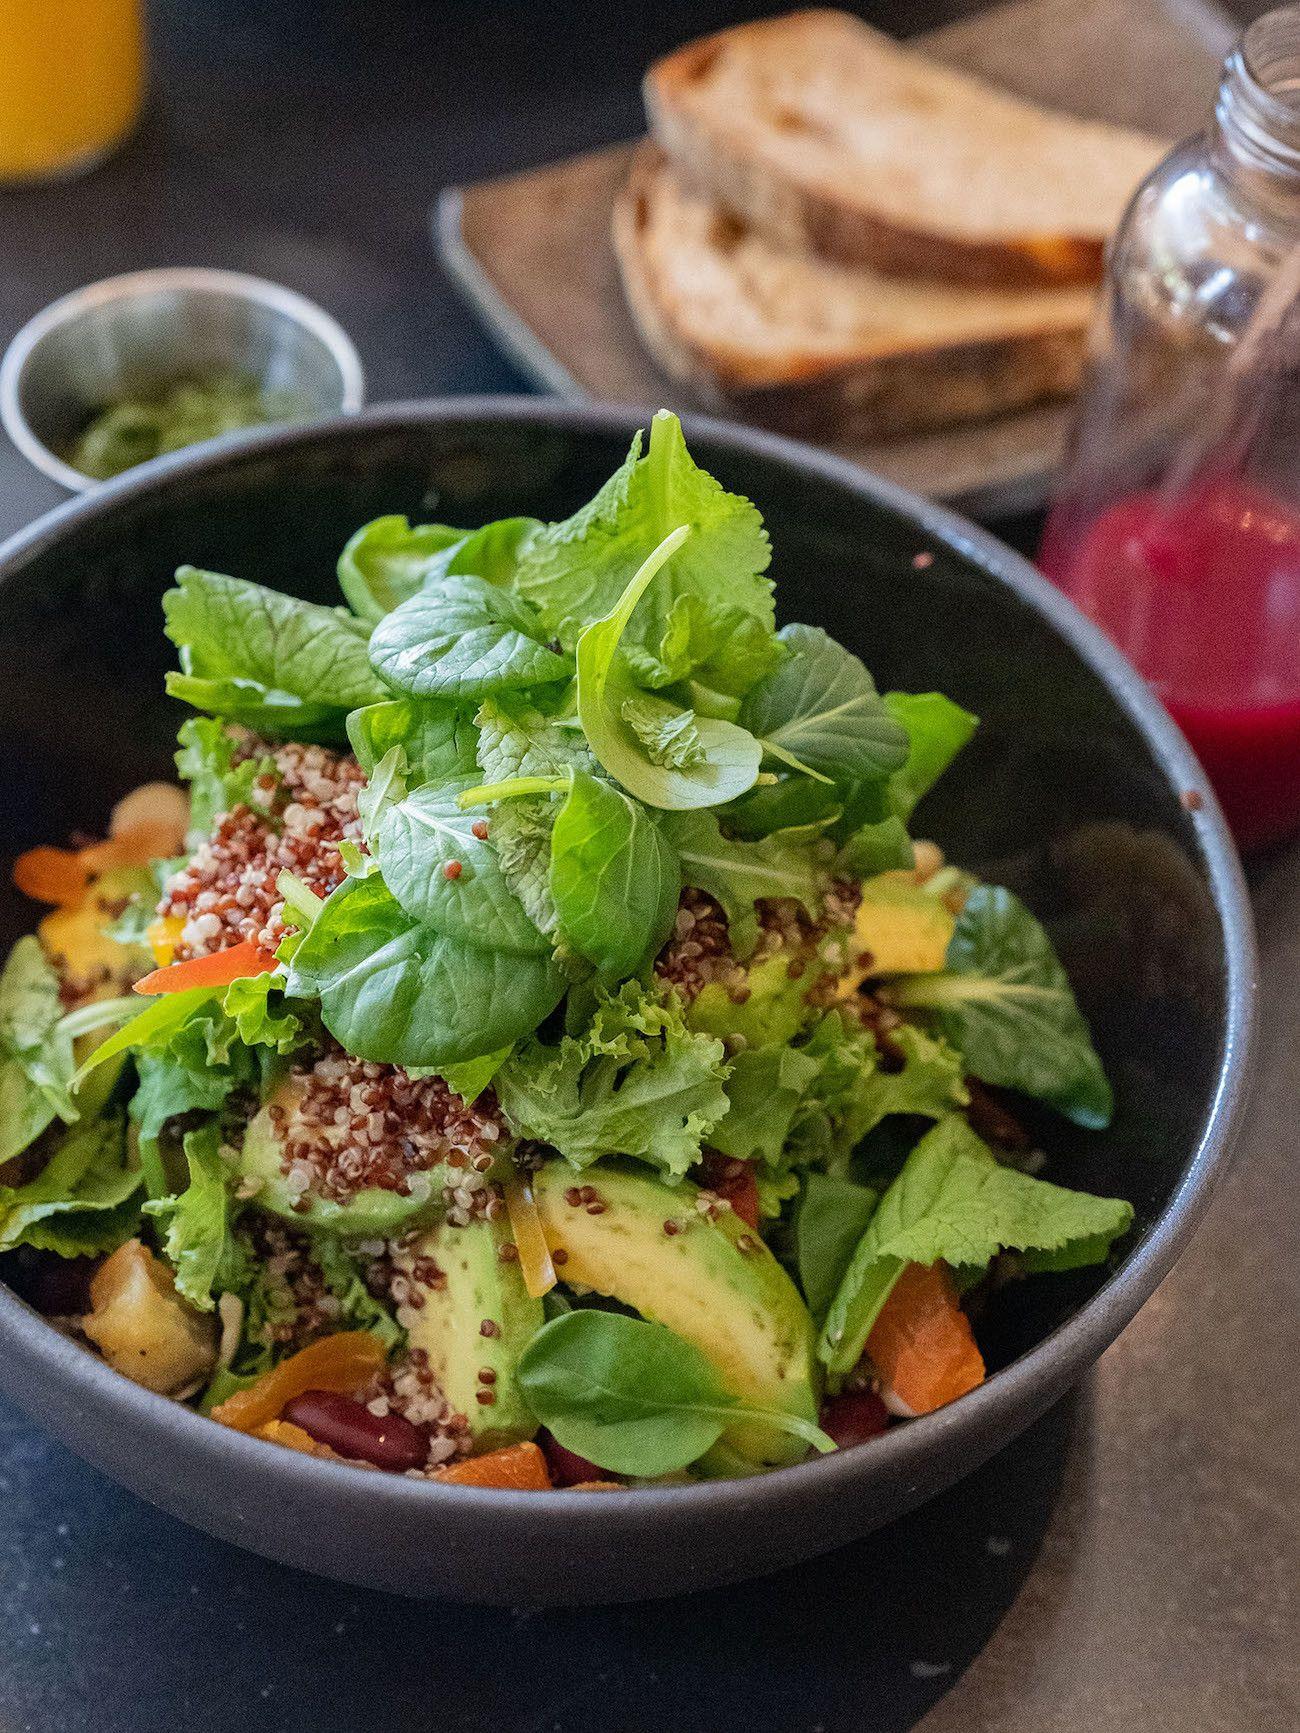 Frühstücks - und Brunch Guide für Kapstadt, Loading Bay, Bowl, Salat, Quinoa, Avocado